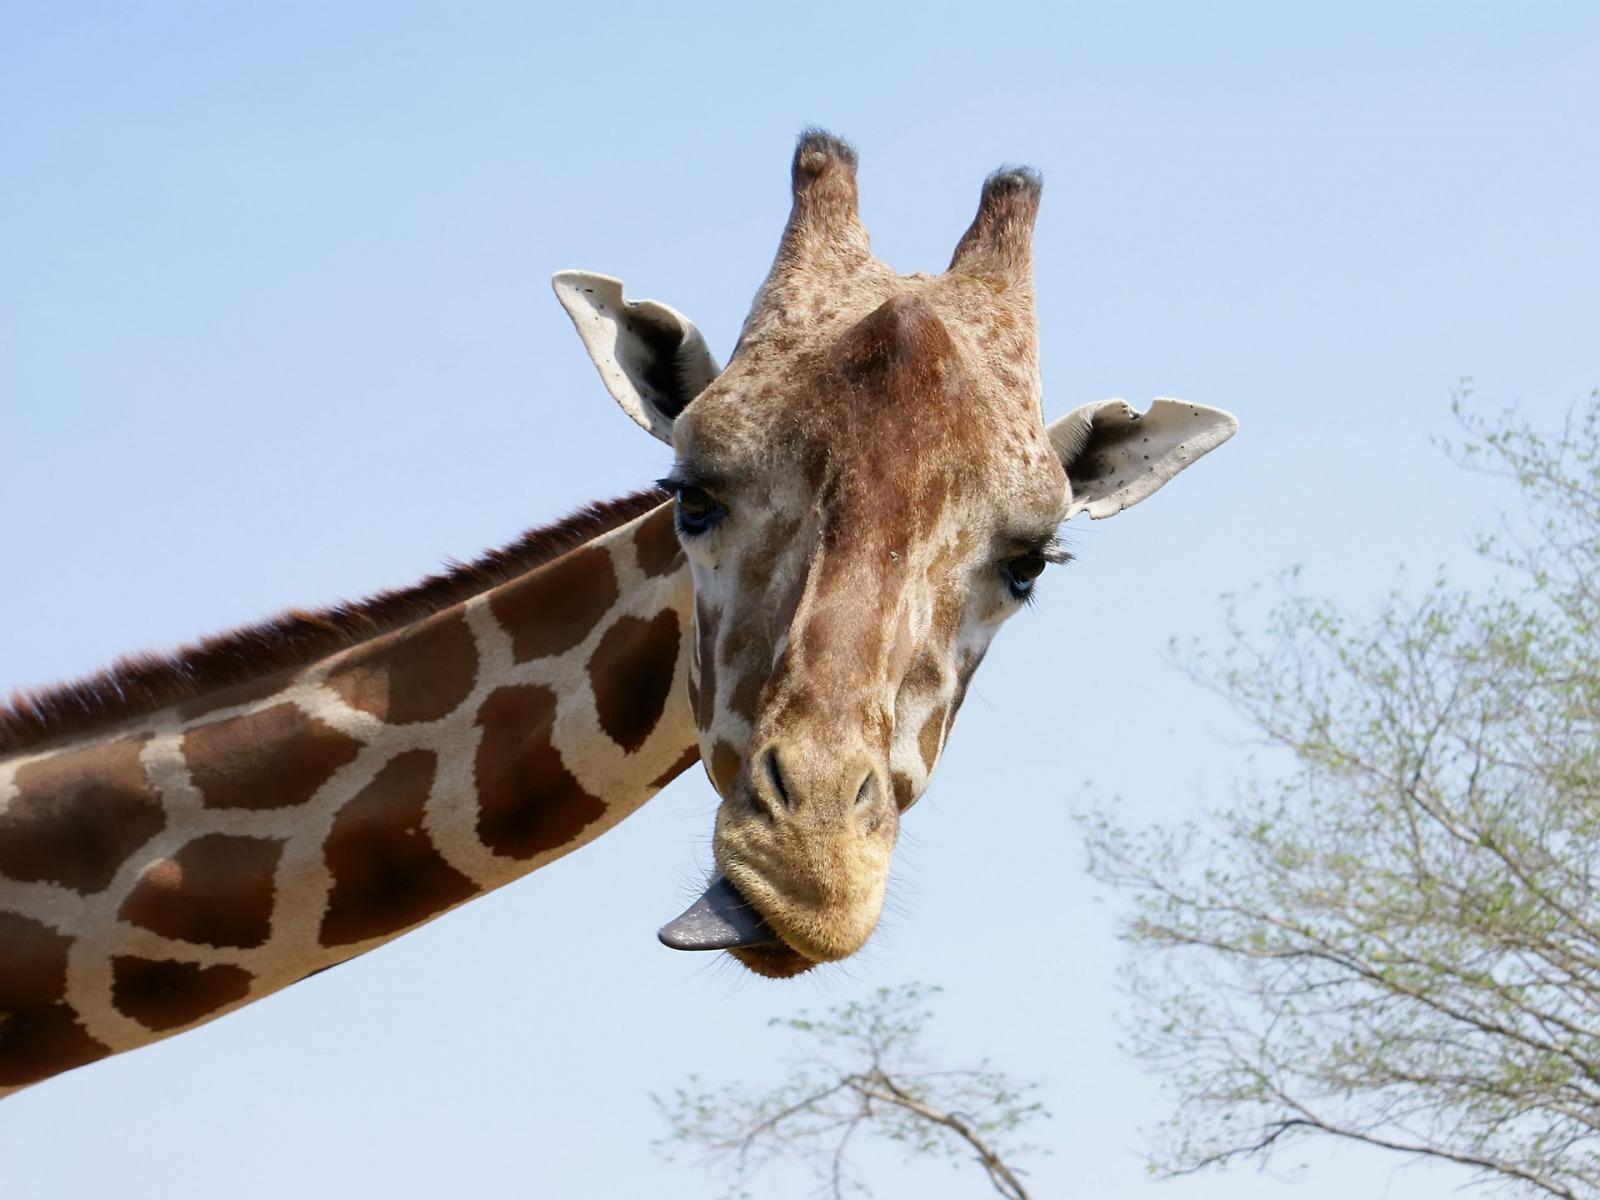 http://noticias.gospelmais.com.br/files/2013/10/girafa.jpg